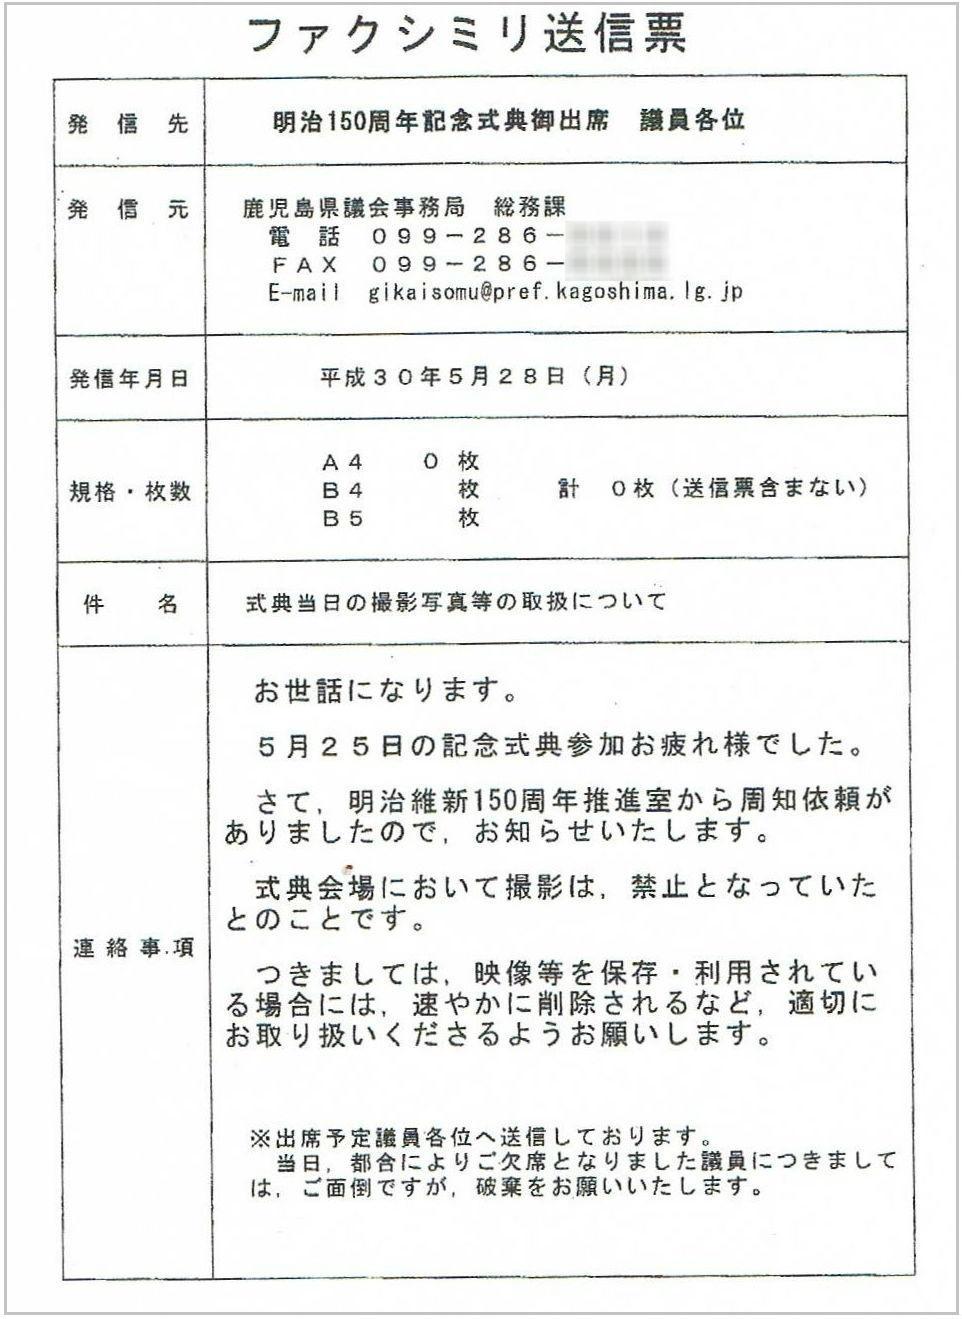 http://hunter-investigate.jp/news/c6f07e49b3b2ff3e82eb1e25eb6ace123cebf5f2.jpg